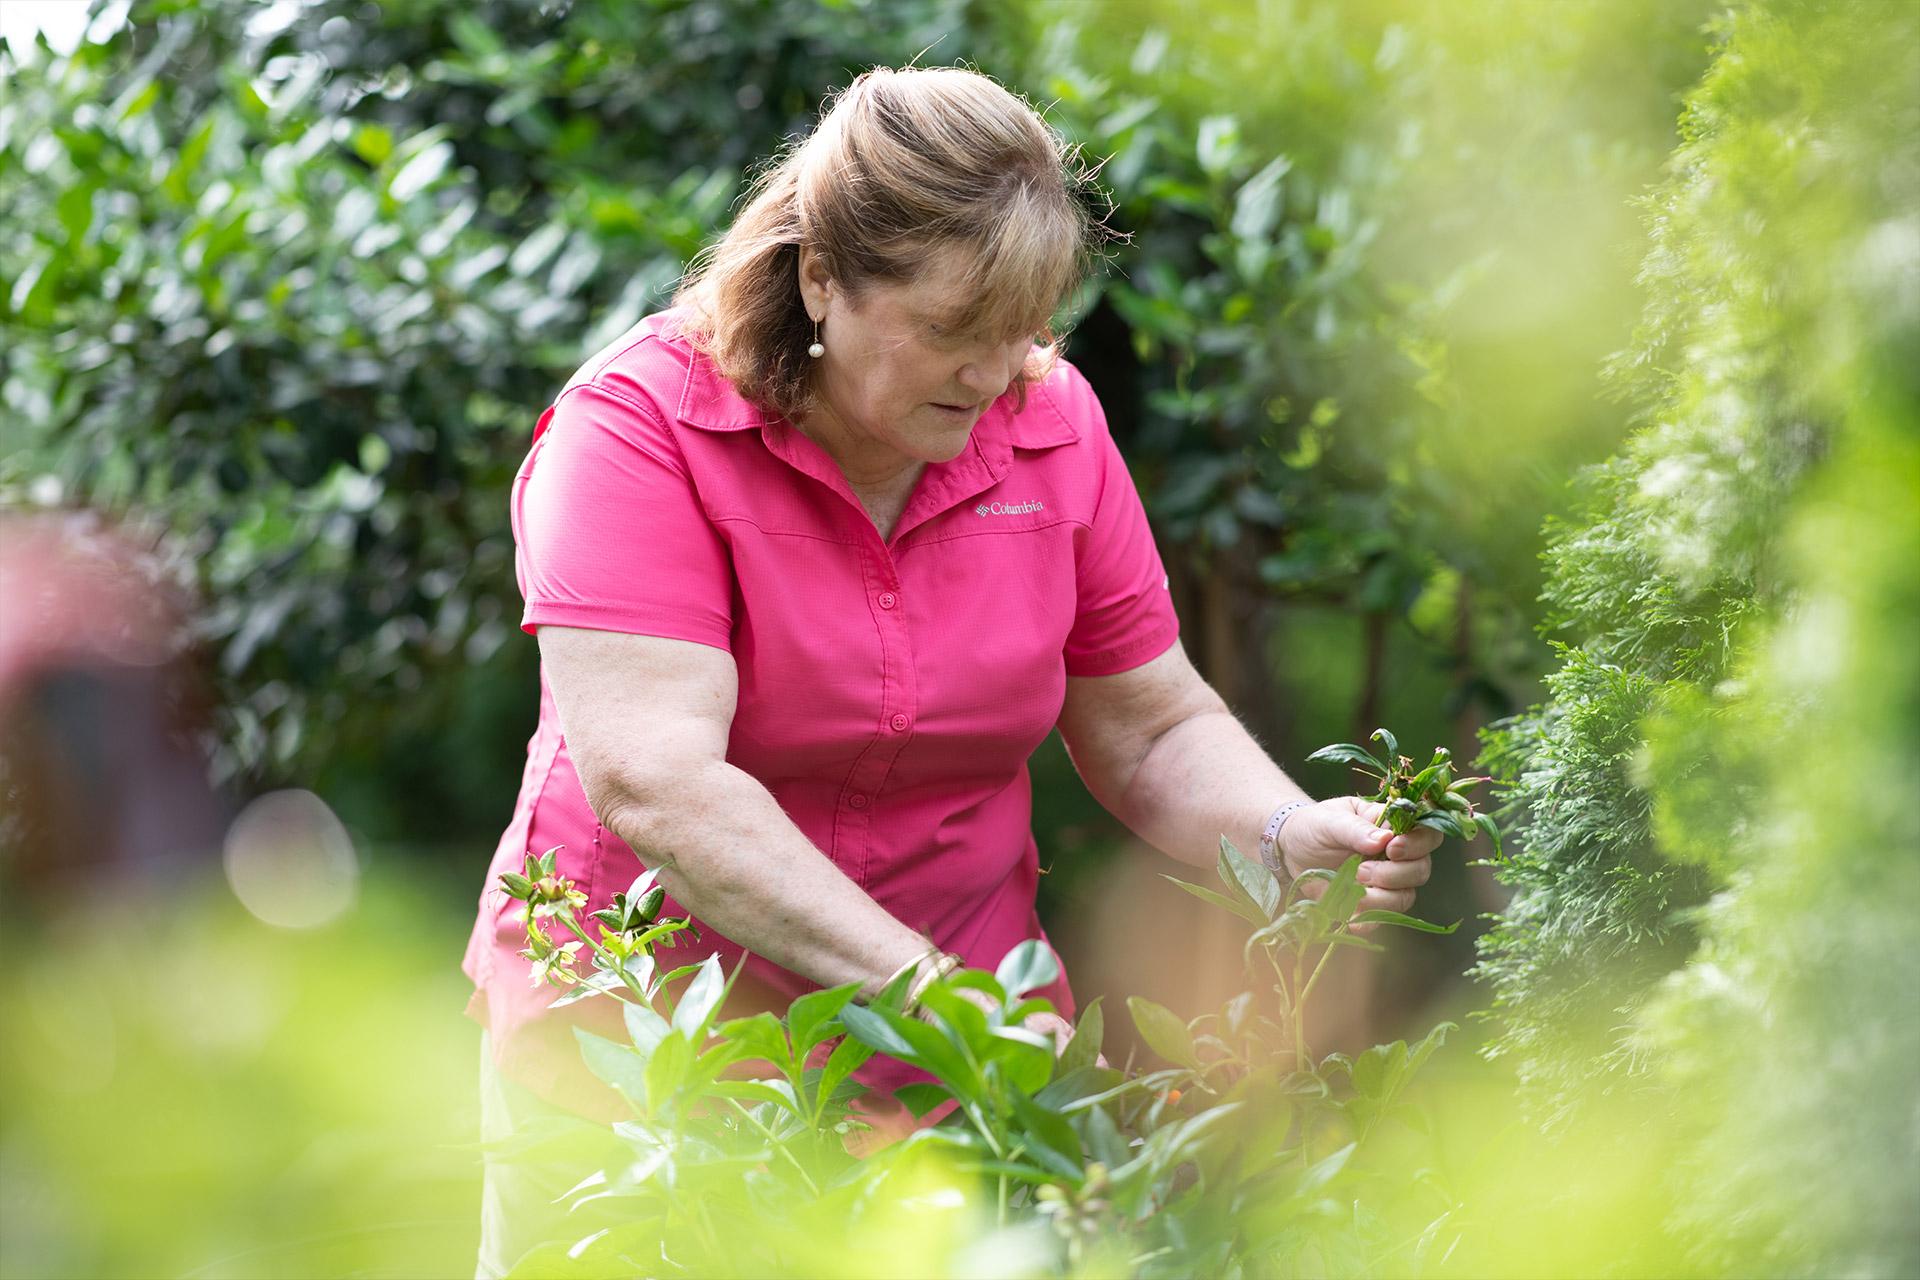 Suzanne prunes a bush in her garden.